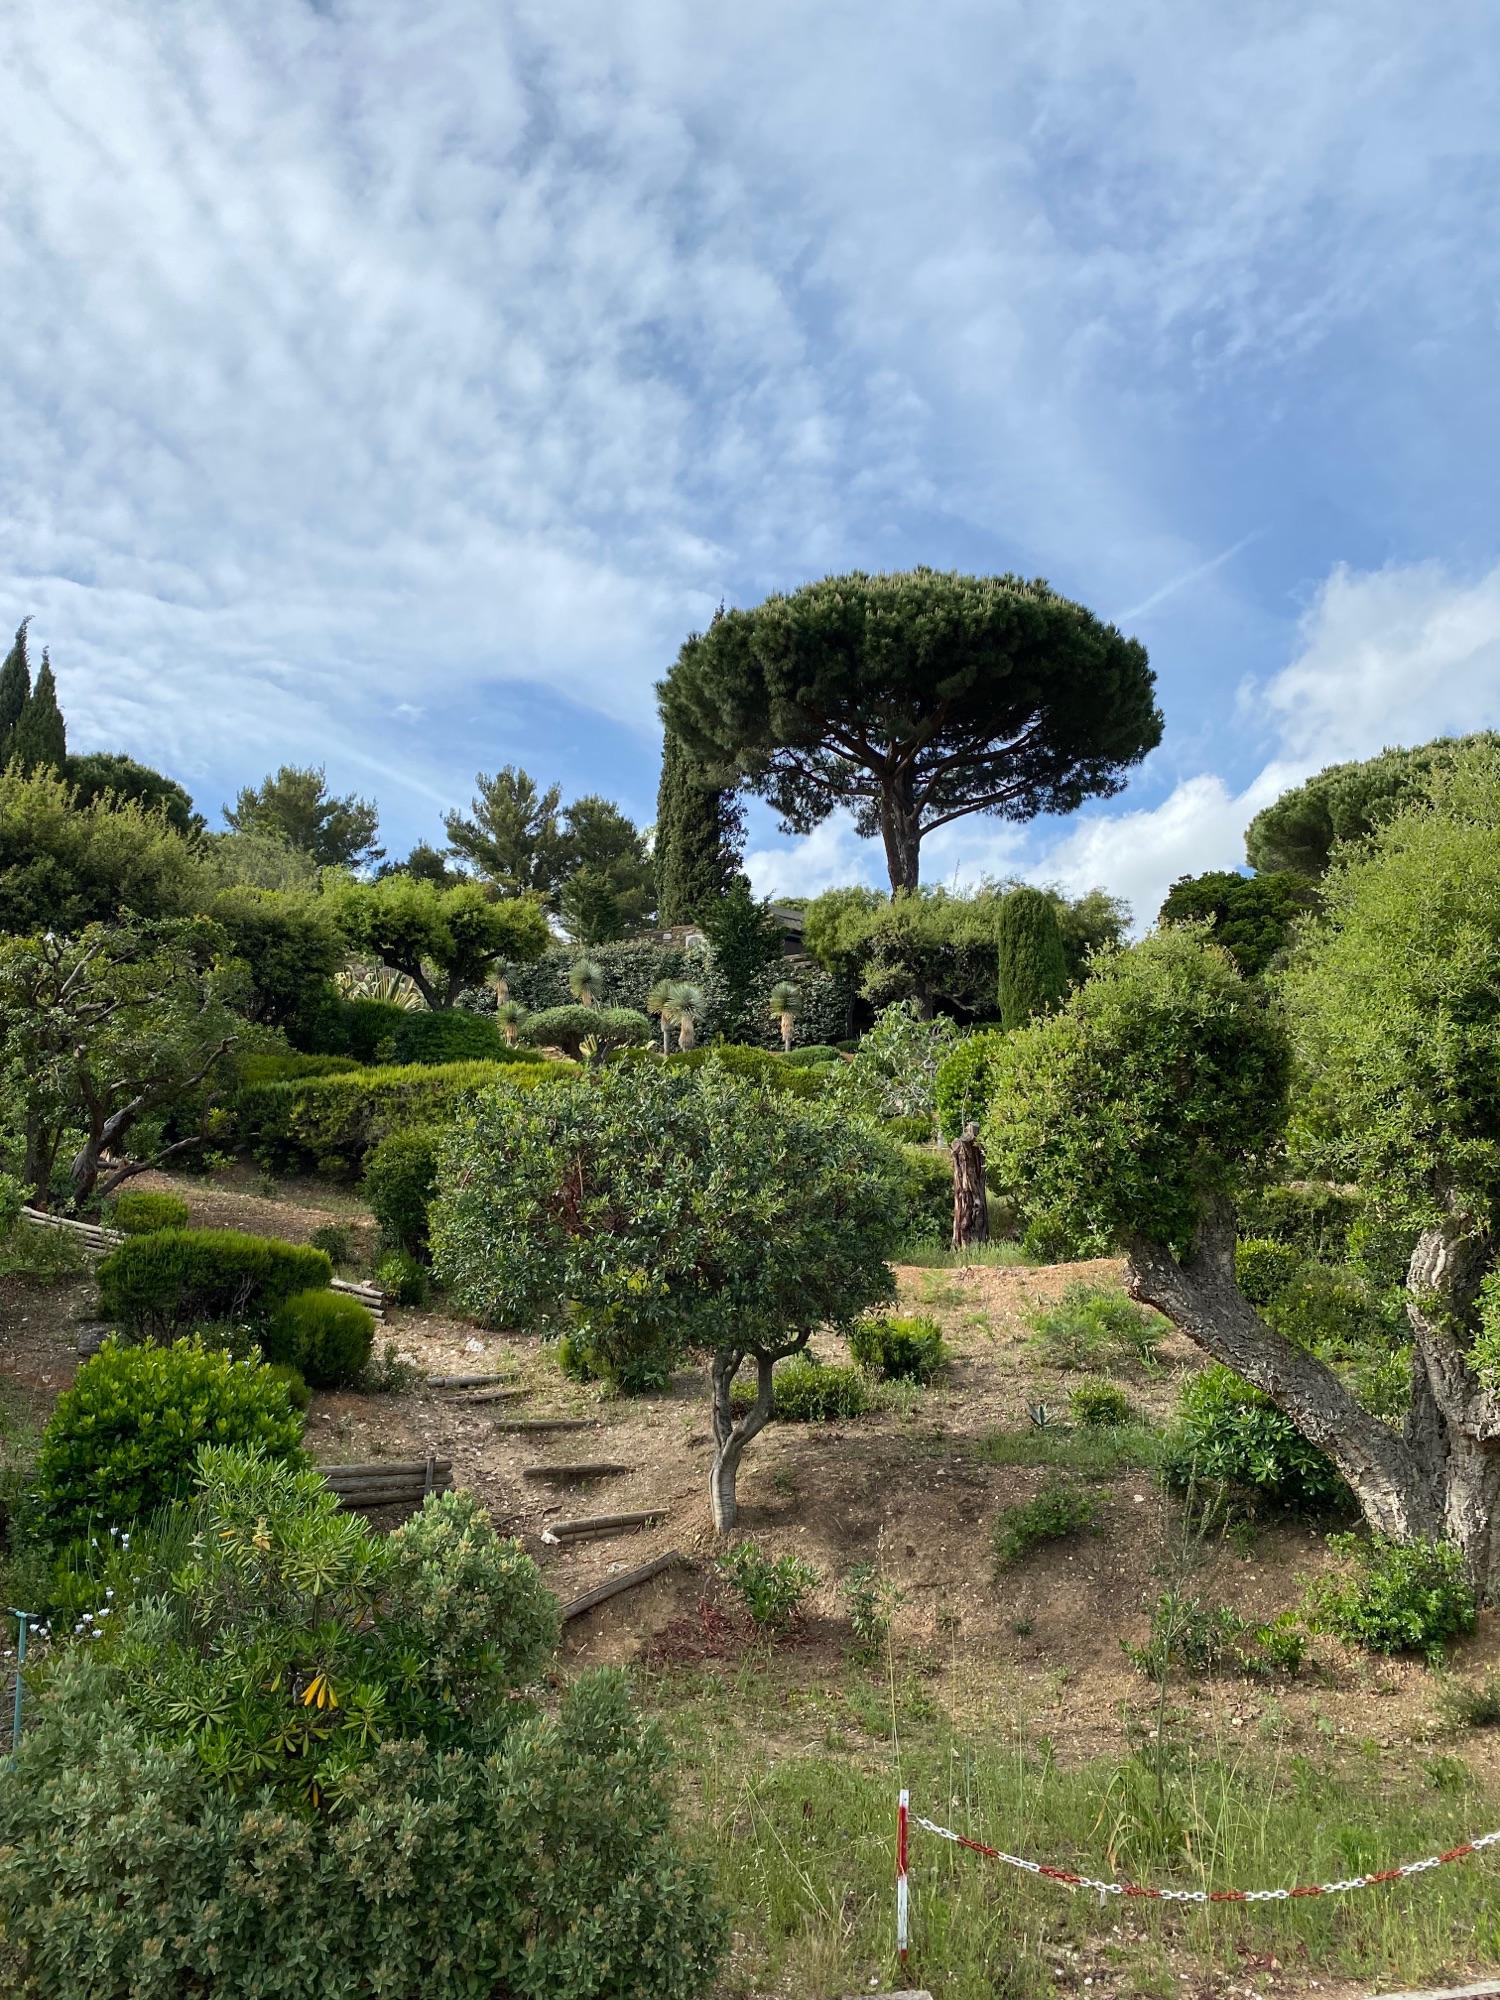 Это мимо этих деревьев римских я прохожу каждый день на прогулке